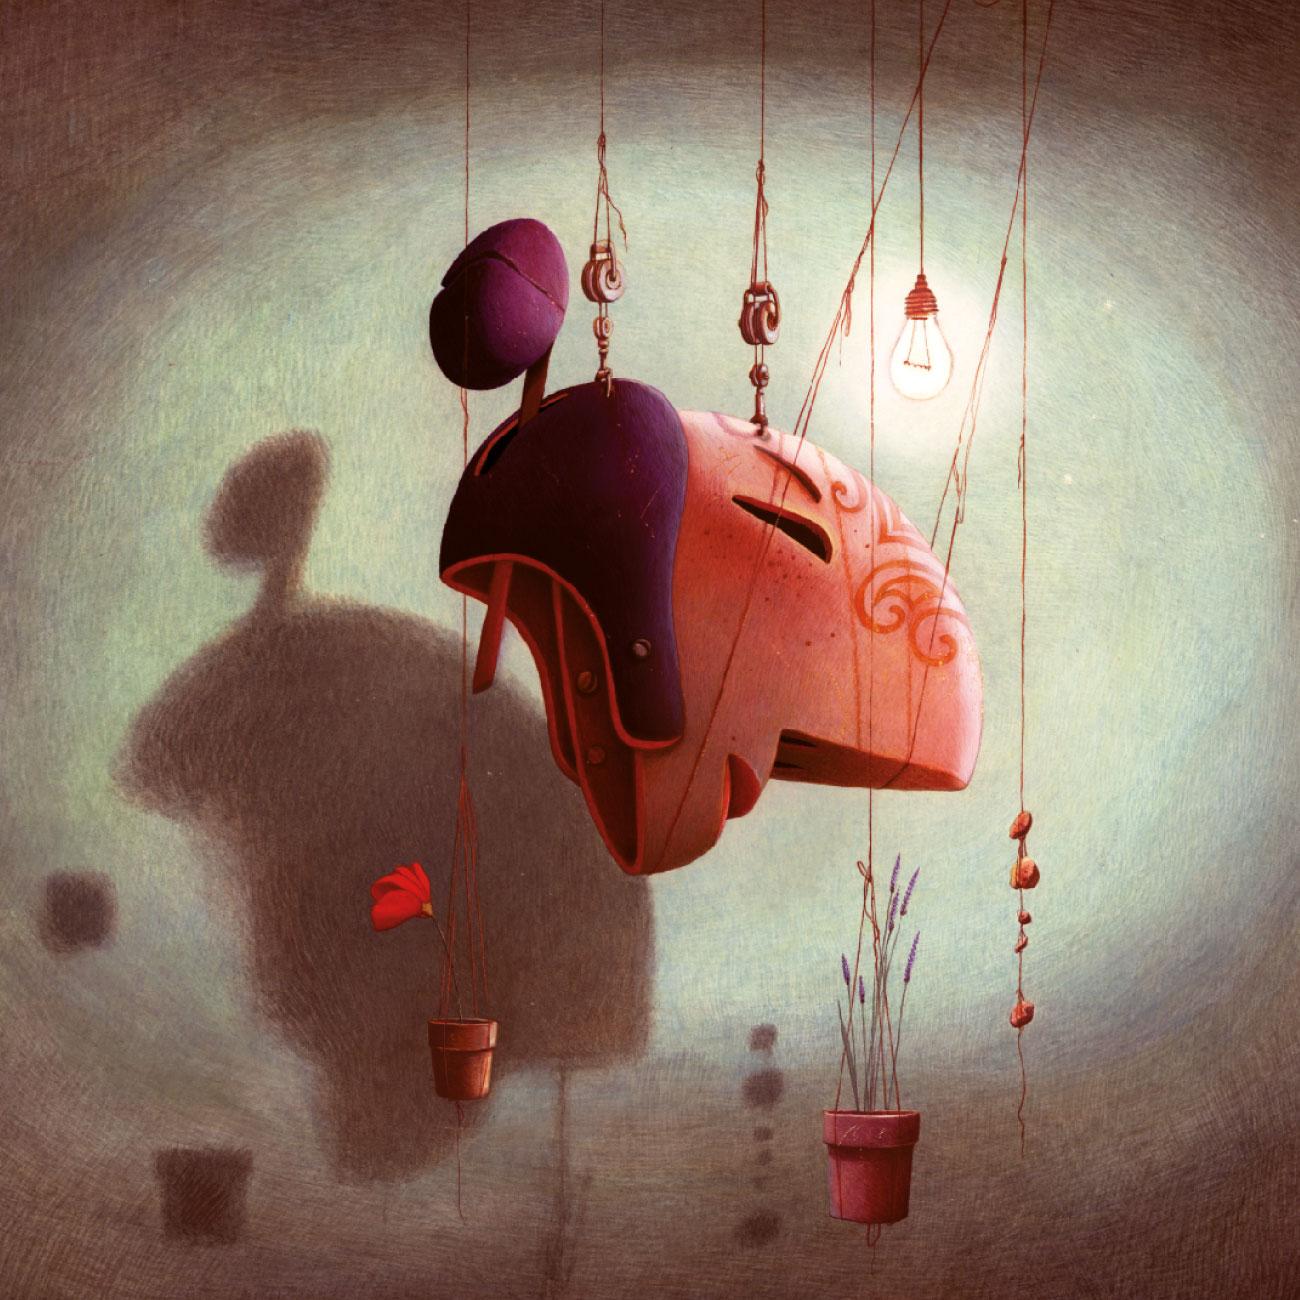 Aïtana Design, Caroline Viollier, graphisme, direction artistique, création graphique, design graphique, branding, Biarritz, Paris, studio de création, festival d'Avignon, théâtre, création d'affiches de théâtre, compagnie hecho en casa, cyrano de bergerac, pièce de théâtre contemporaine, illustration, rebecca dautremer